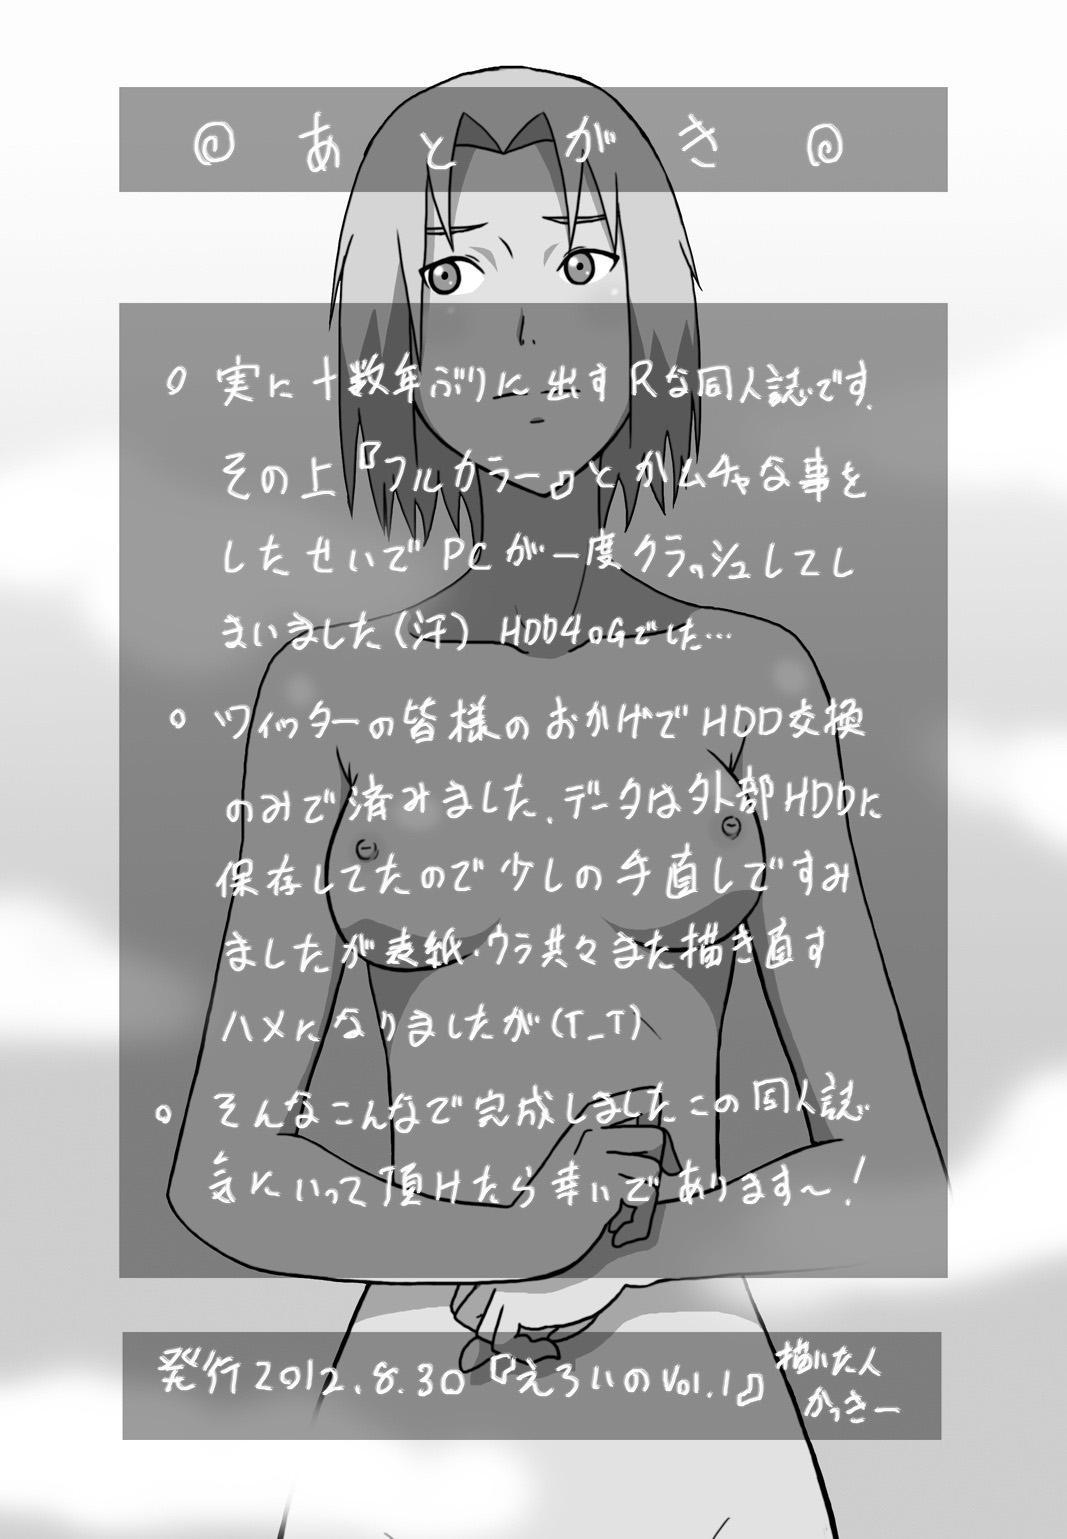 Eroi no Vol.1 32